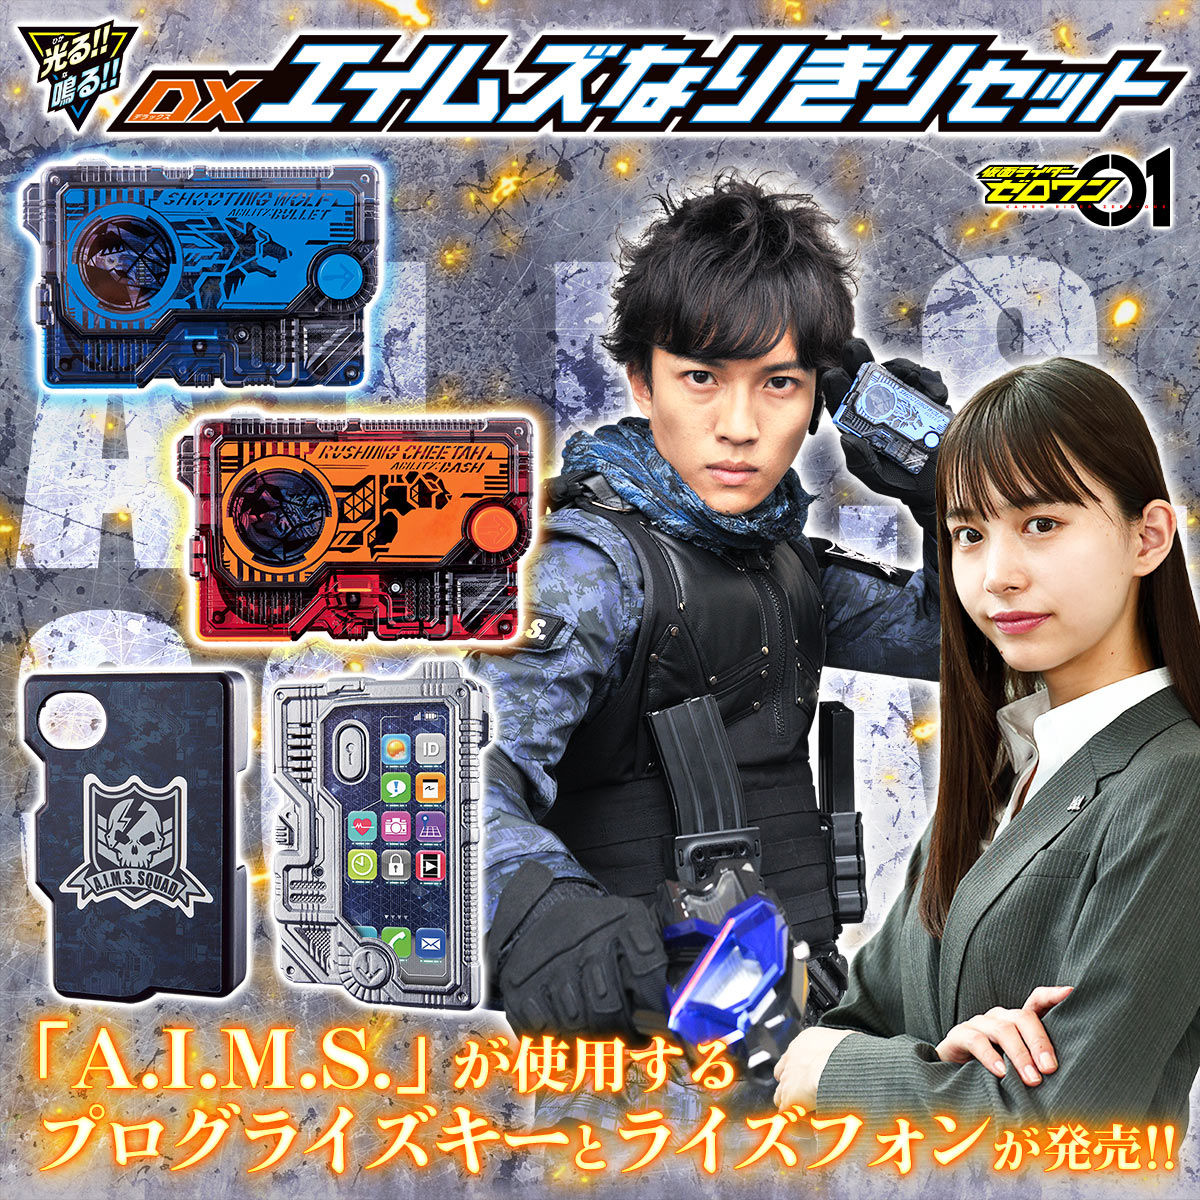 【限定販売】仮面ライダーゼロワン『DXエイムズなりきりセット』変身なりきり-001